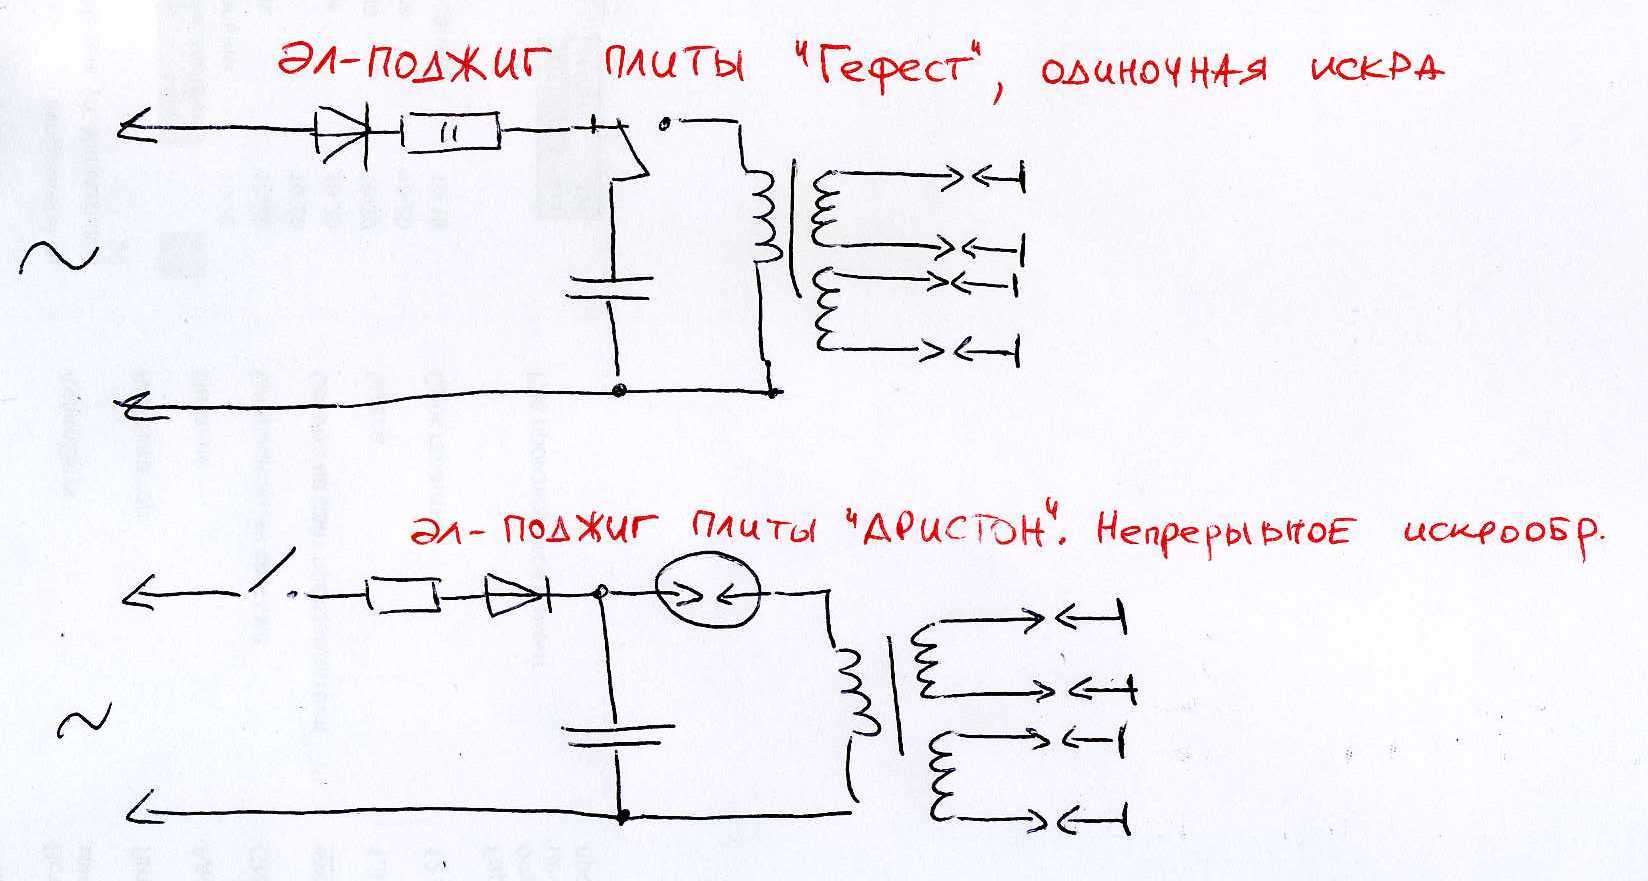 электрические схемы блоков поджига газовых плит.